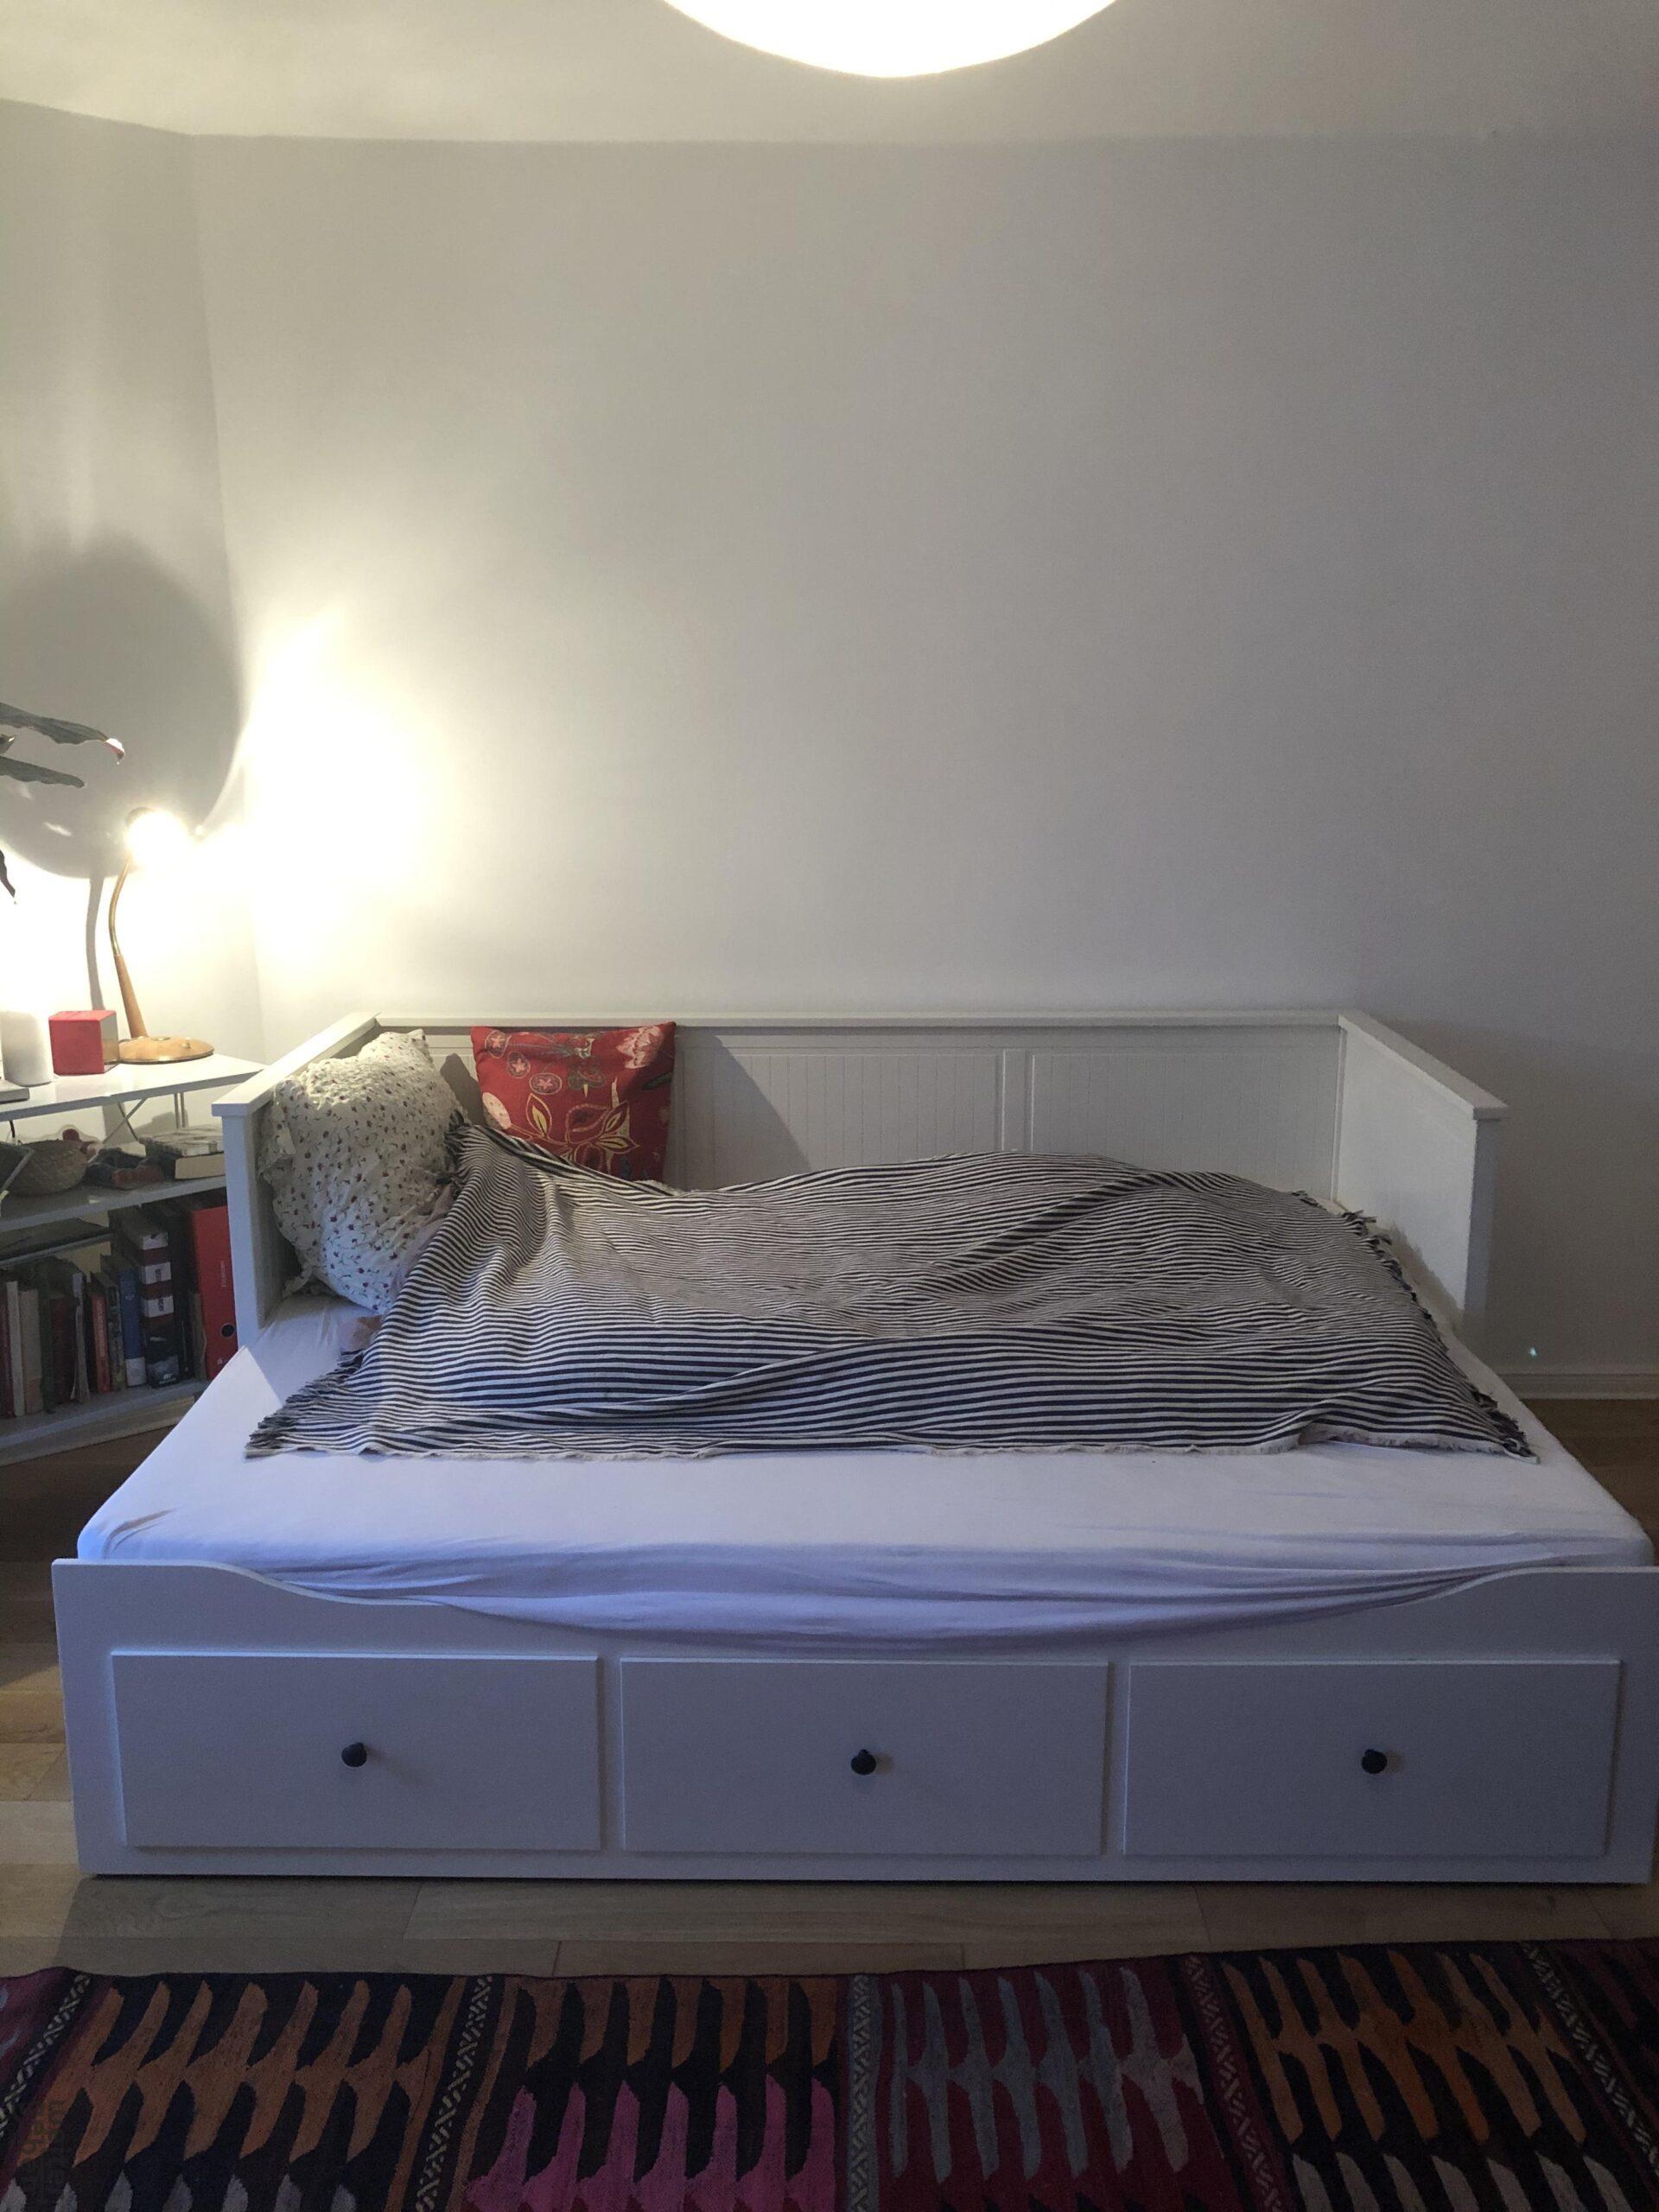 Full Size of Ikea Bett 120x200 Unterschrank Test 3 Betten Mit Bettkasten Such Frau Fürs Halbhohes Wildeiche Aus Paletten Kaufen Himmel Küche Kosten 140x200 Günstig Wohnzimmer Ikea Bett 120x200